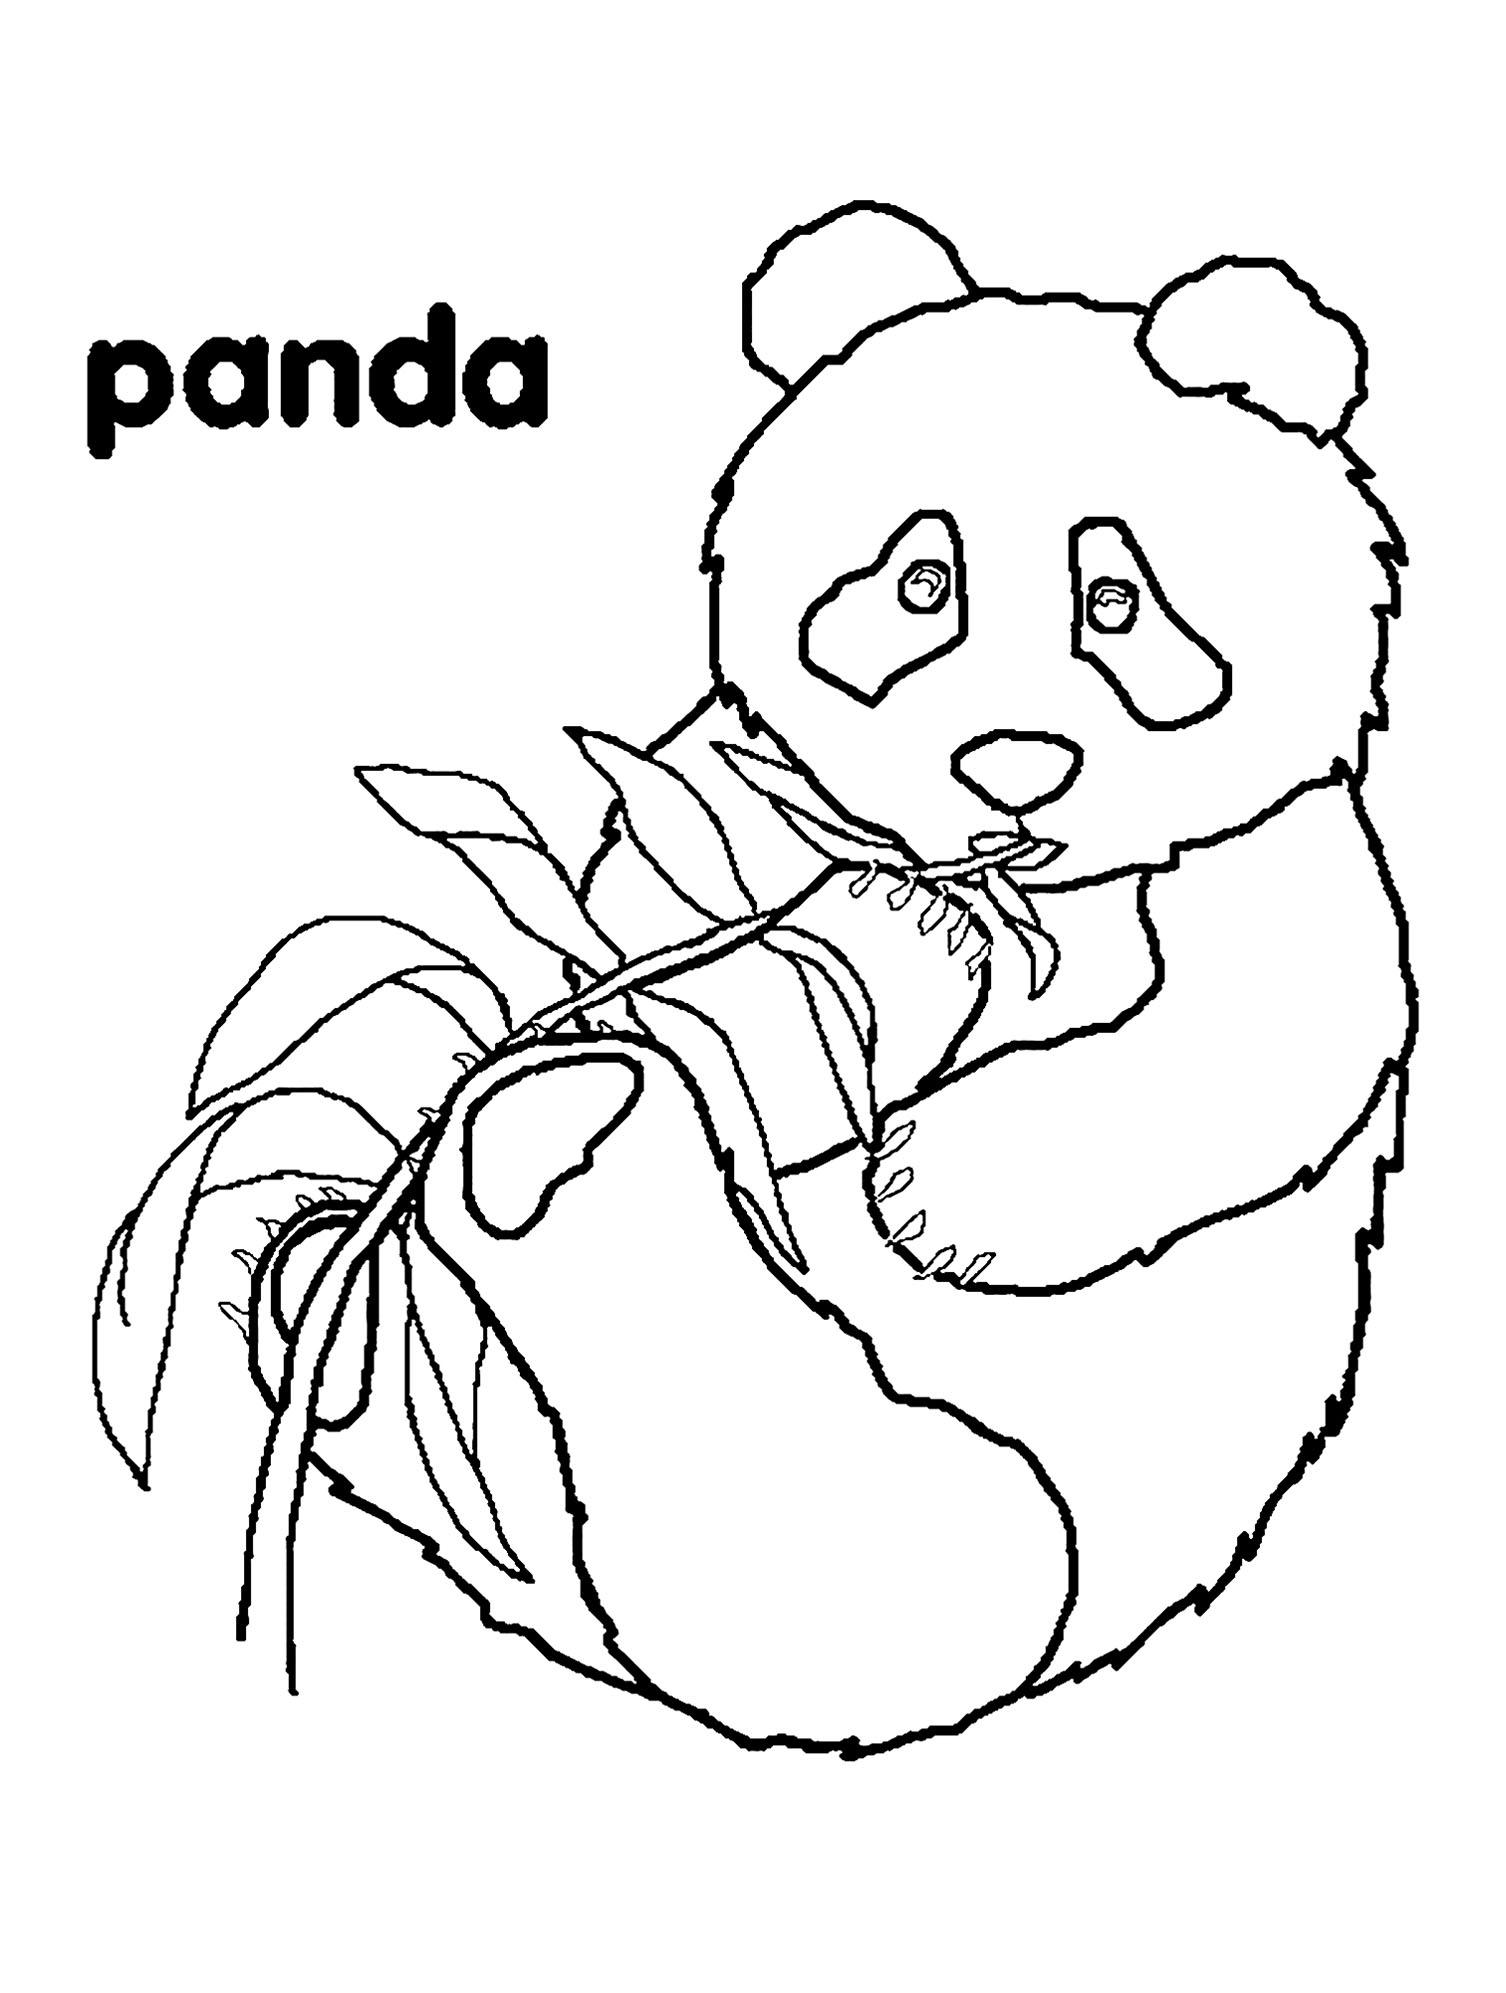 Coloriage de panda simple